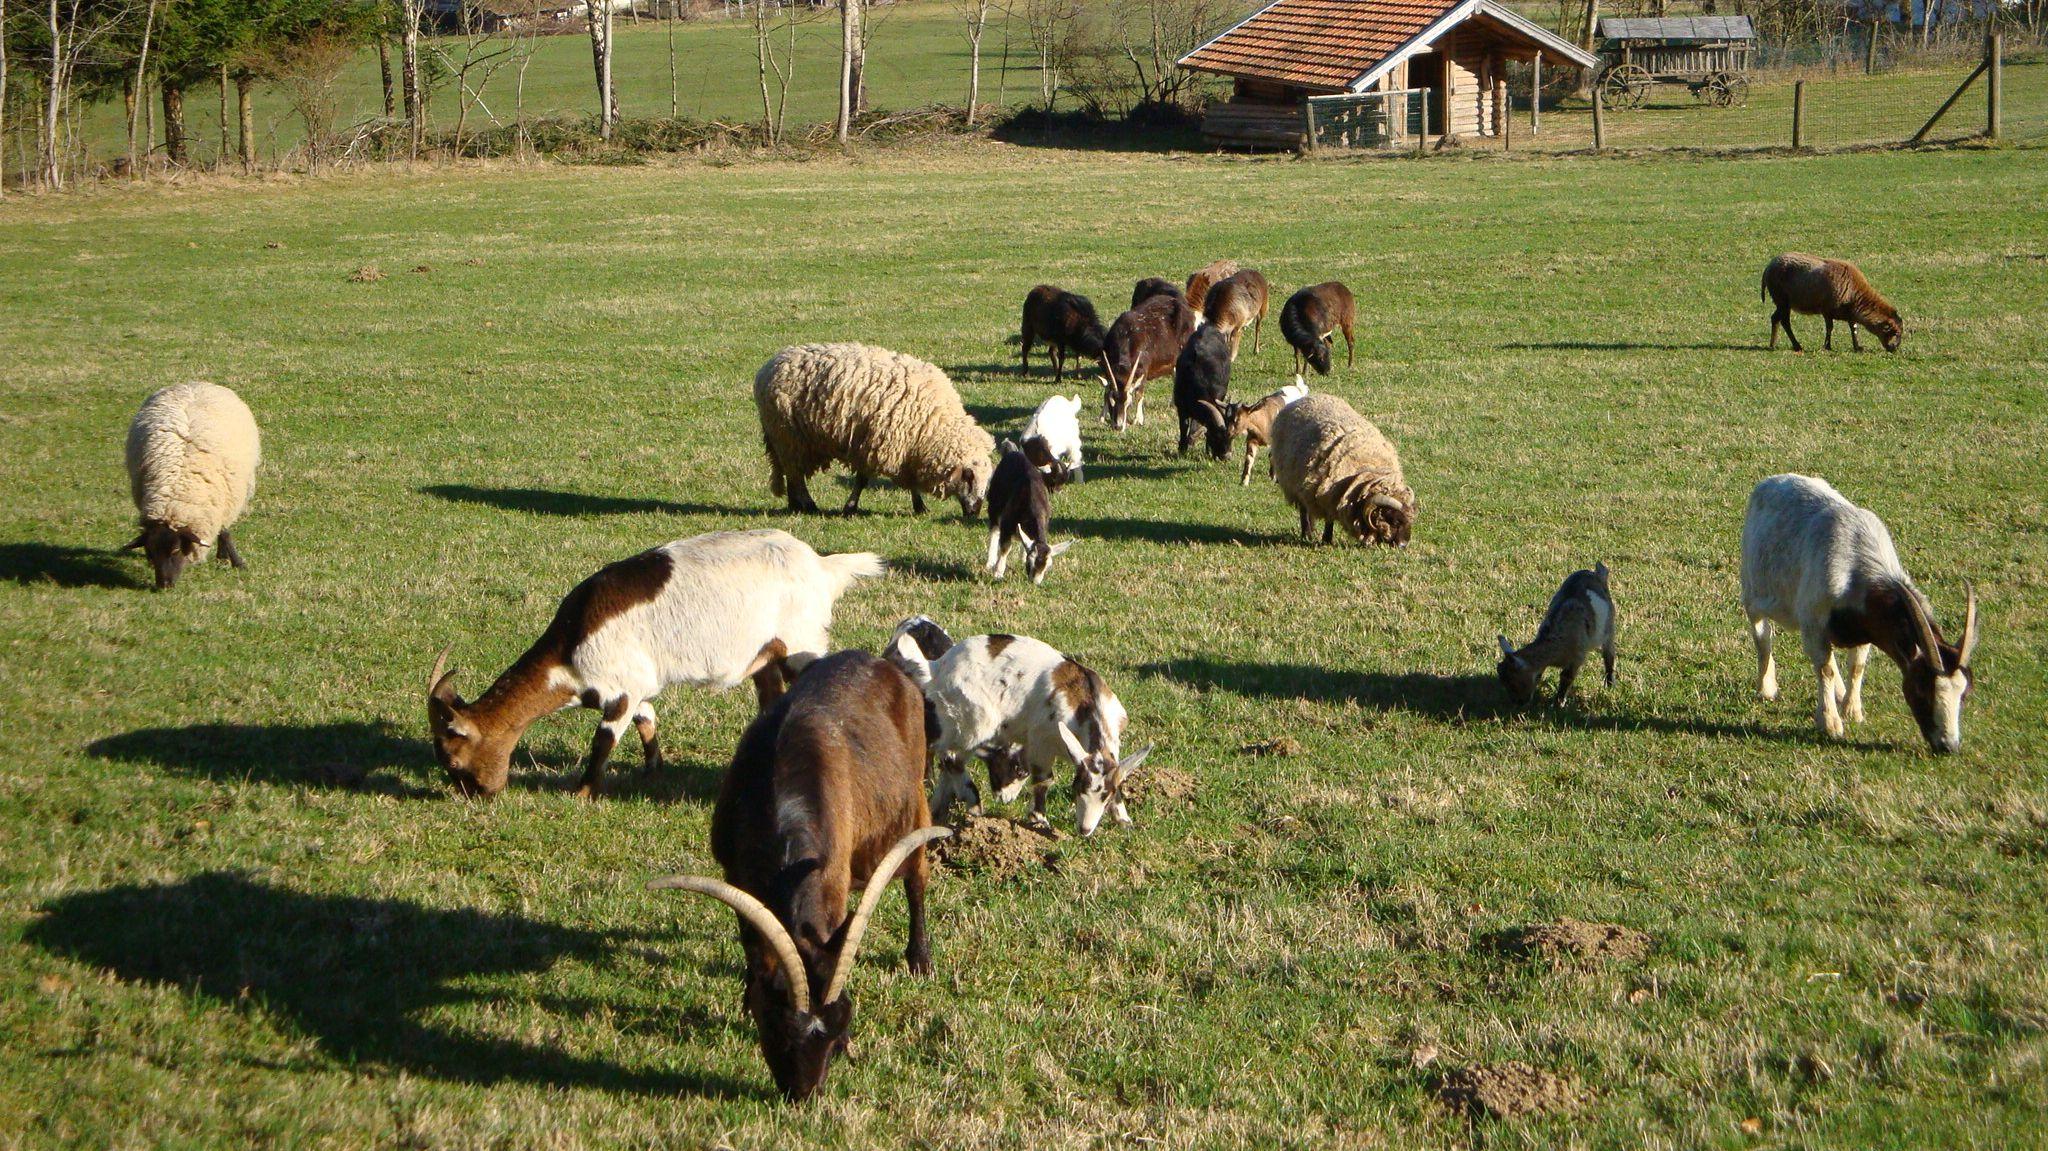 Auf dem Gnadenhof in Zell wird das Konzept verfolgt, dass alle Tiere miteinander leben und nicht separiert werden